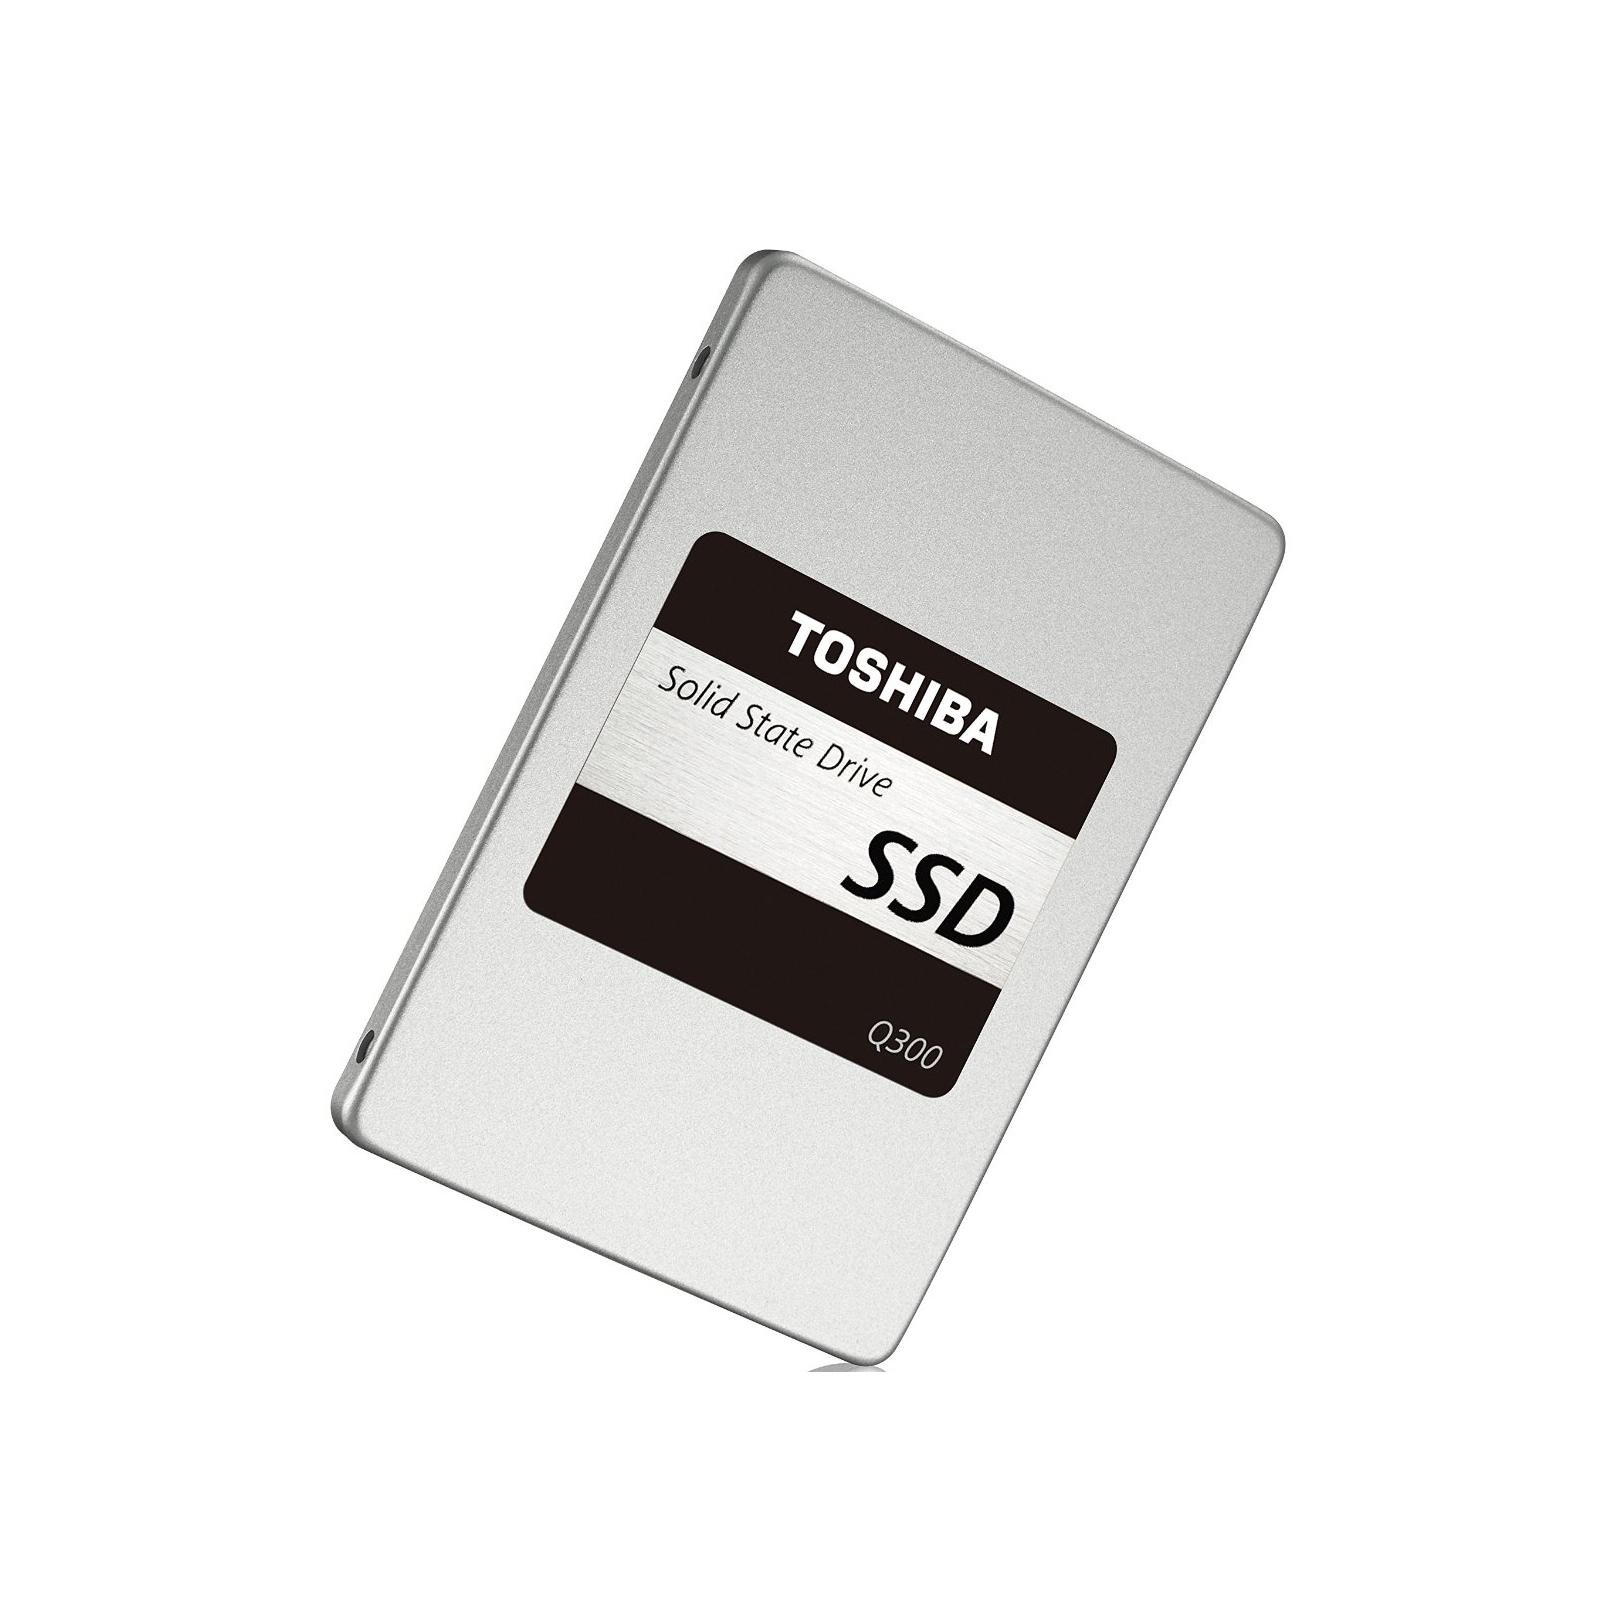 """Накопитель SSD 2.5"""" 120GB TOSHIBA (HDTS712EZSTA) изображение 2"""